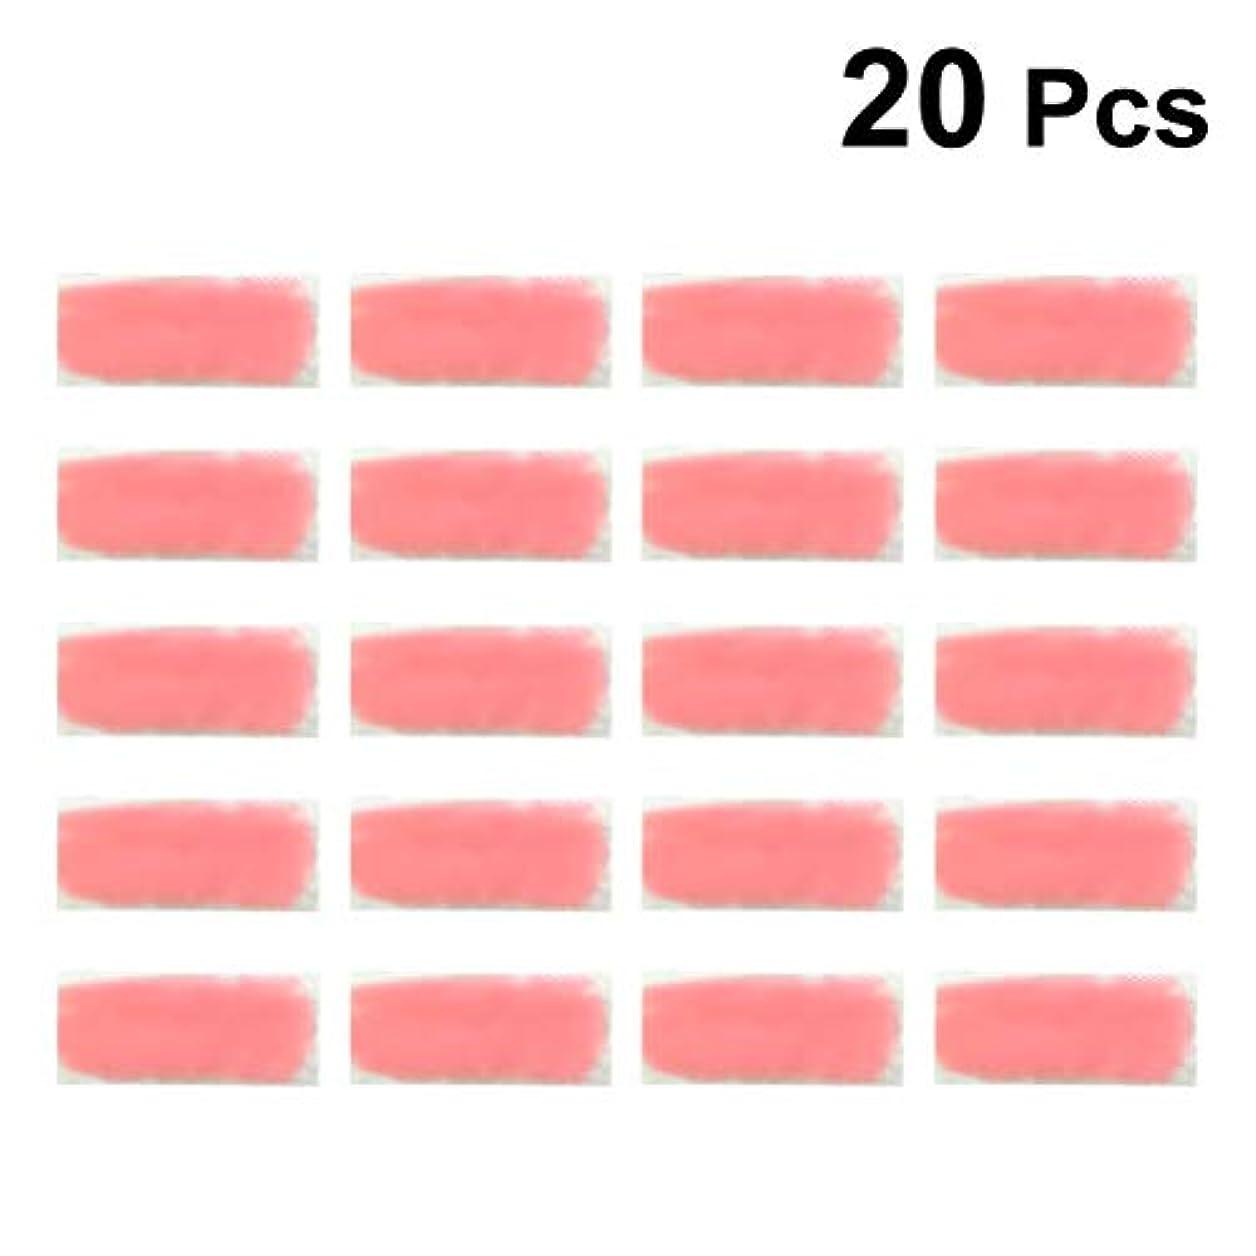 スケジュール適格悪いHealifty 夏の冷却ジェルパッチ温度変化熱射病防止冷却額ストリップ眠気さわやかさを和らげる日焼けパッド20個(ピンク)